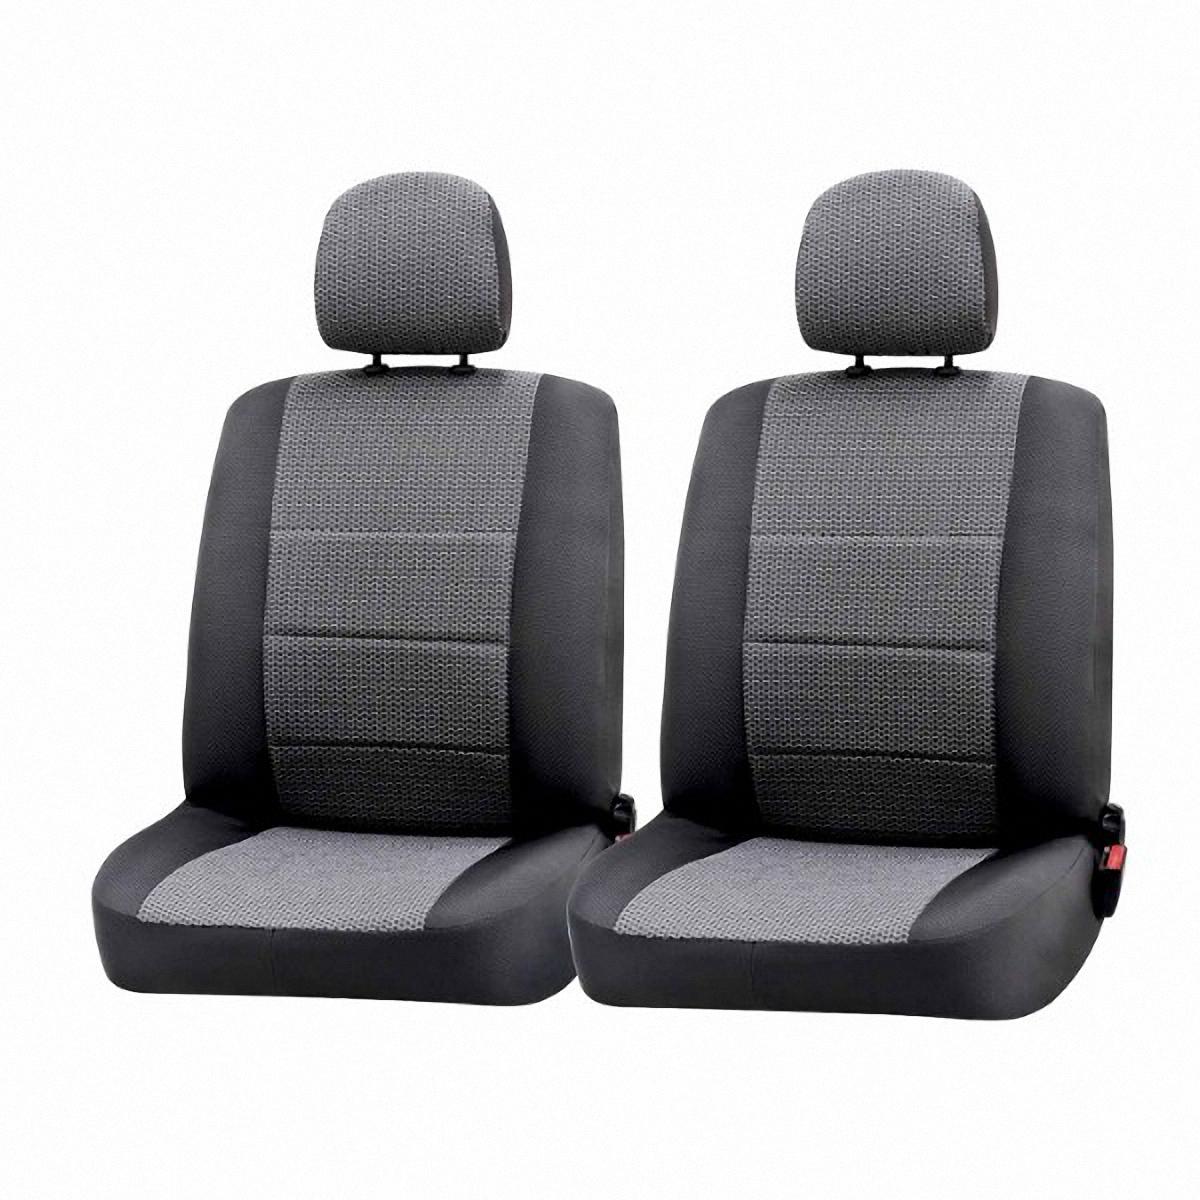 Чехол на сиденье Skyway Toyota Corolla (седан). Ty1-2 чехол на сиденье skyway toyota corolla седан ty1 2k